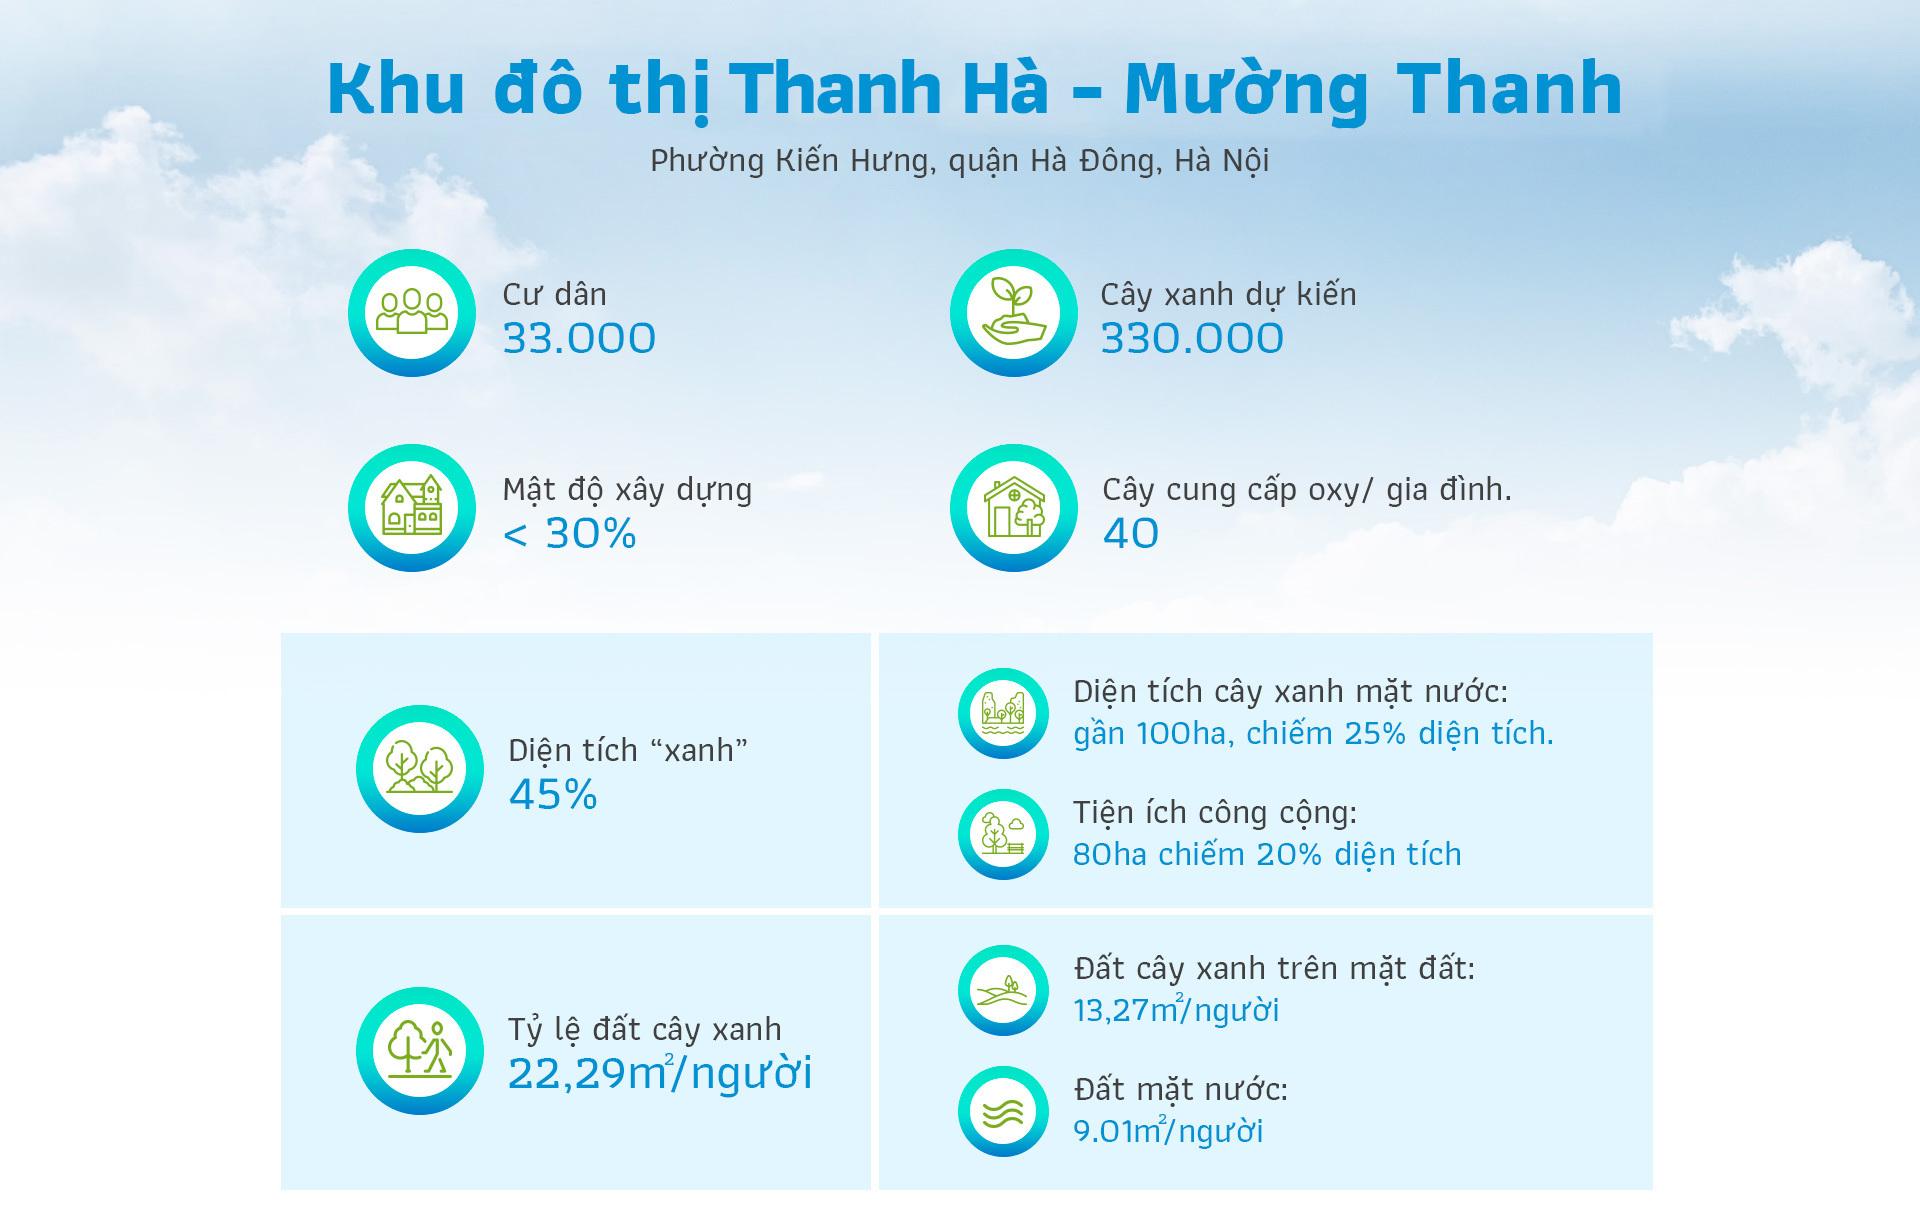 Bên trong khu đô thị 'phủ xanh' giữa lòng Hà Nội Bên trong khu đô thị 'phủ xanh' giữa lòng Hà Nội Info 1 7267 1565951851